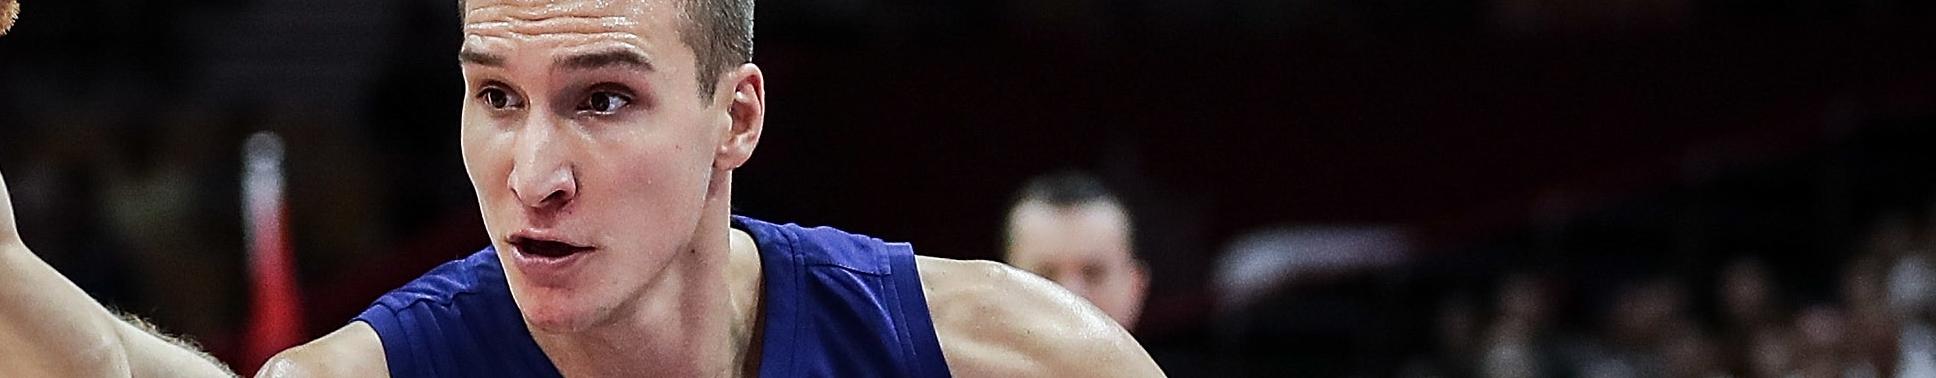 Basket, Argentina-Serbia: l'Albiceleste sogna lo sgambetto a Djordjevic